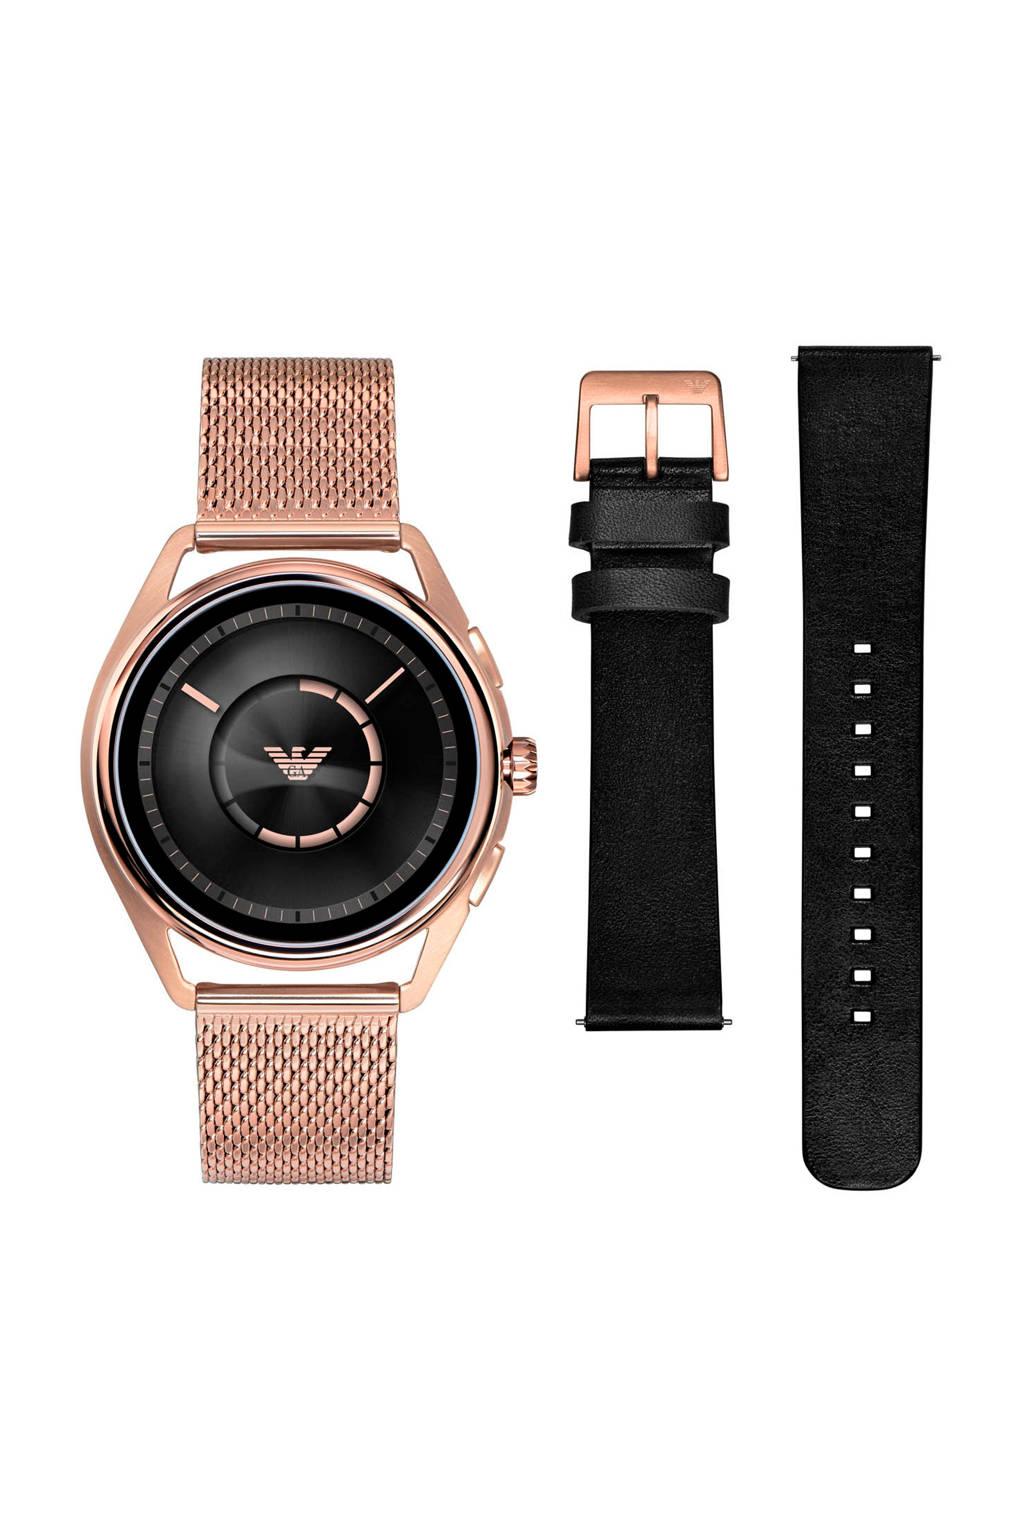 Emporio Armani Matteo Gen 4 smartwatch ART9005, Roségoudkleurig